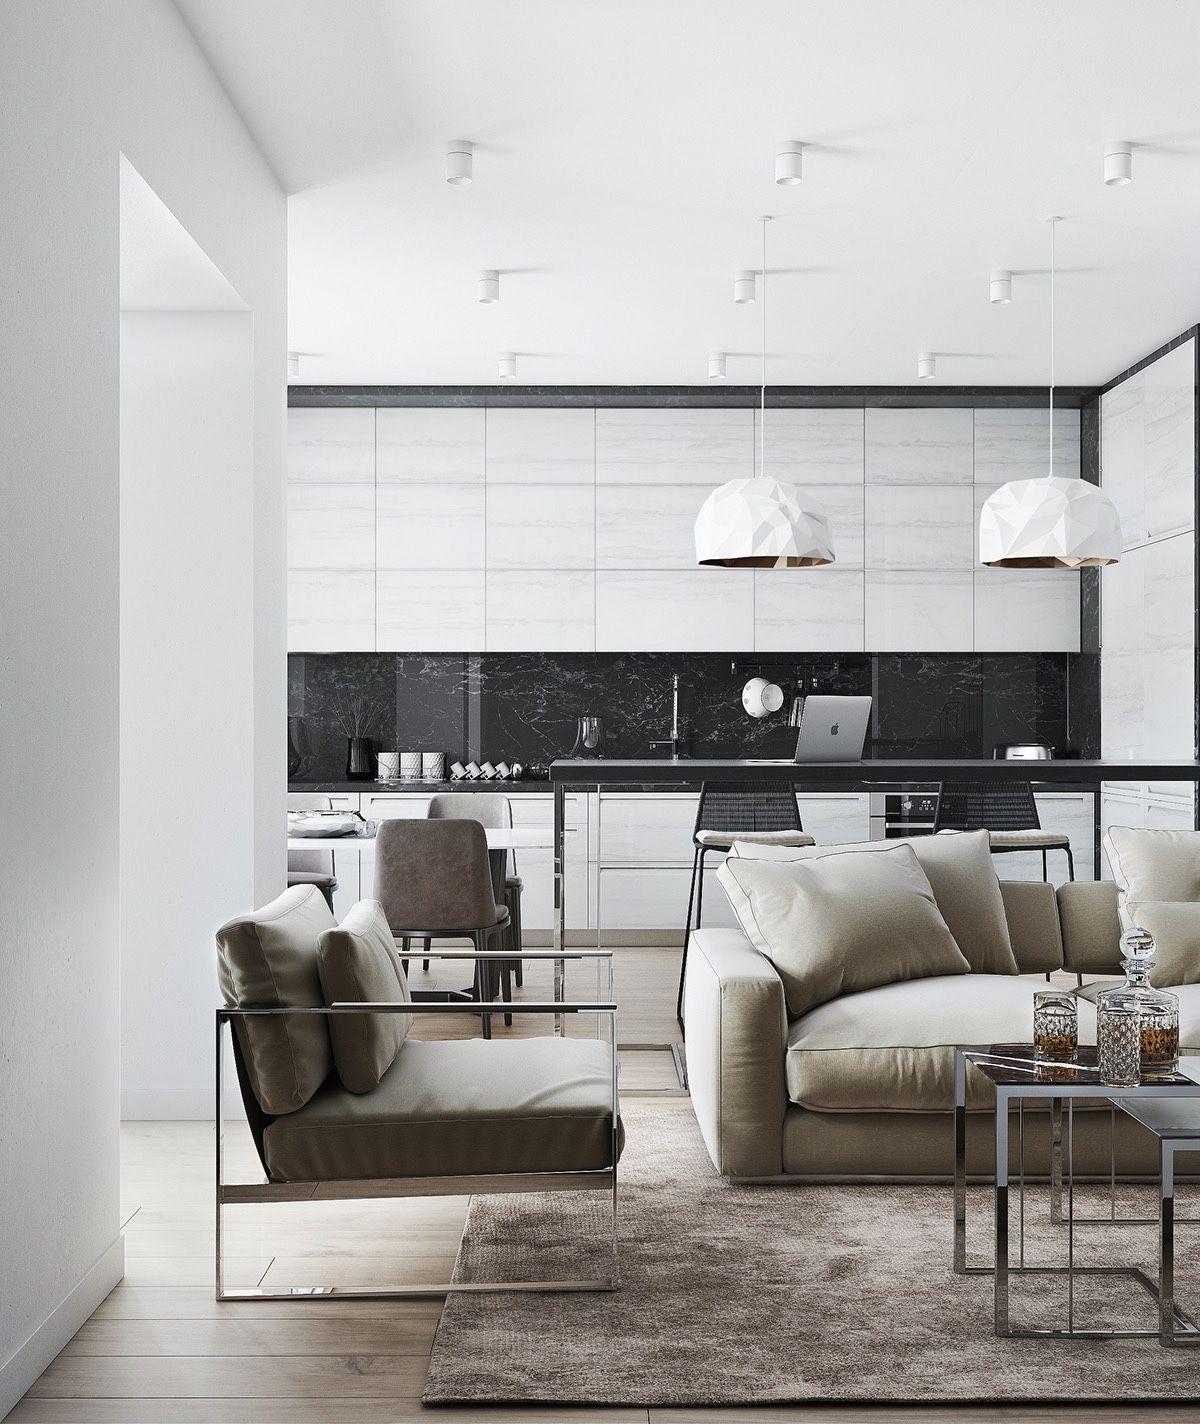 schöne Black u White Küche Designs  Küchen   Pinterest